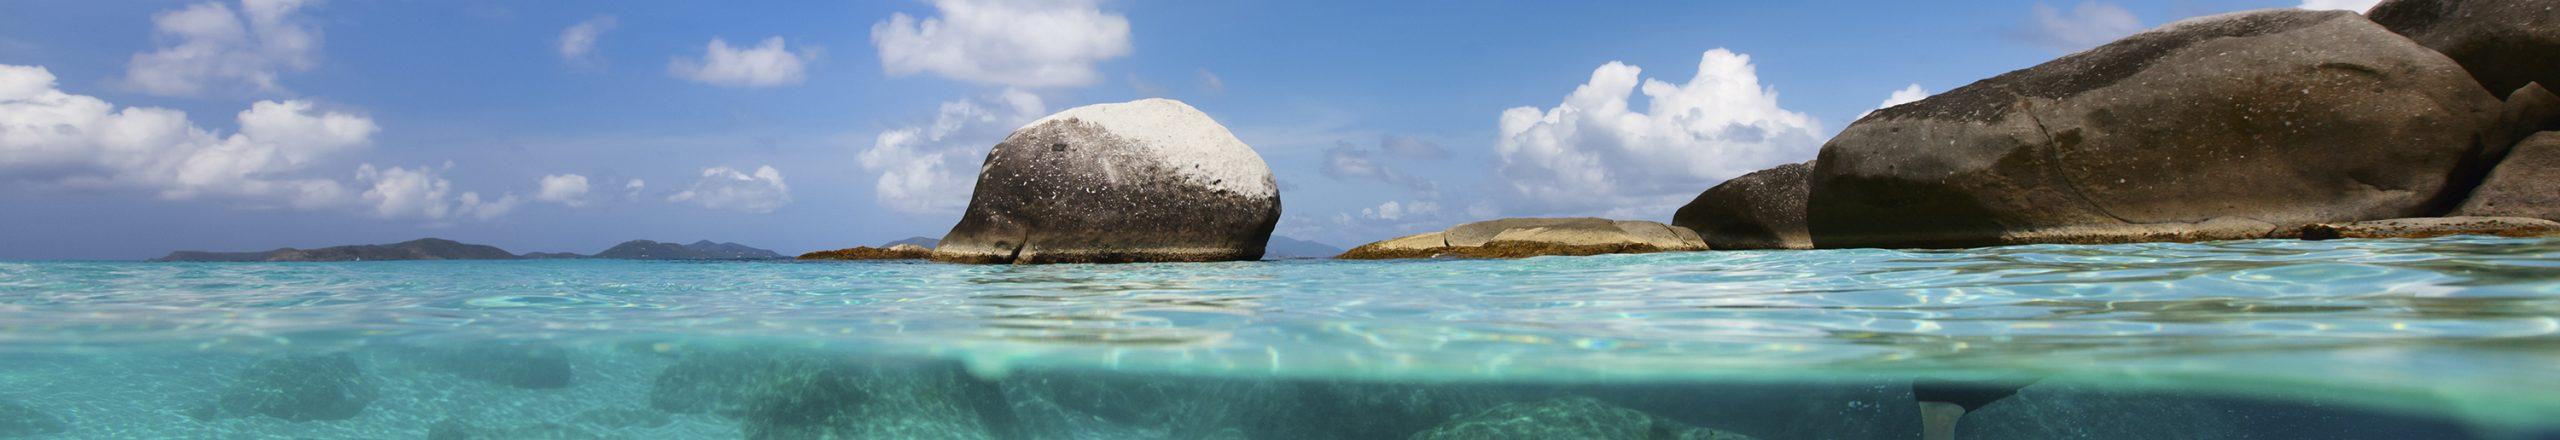 Dykker under havoverfladen i krystalklart vand med klipper i baggrunden